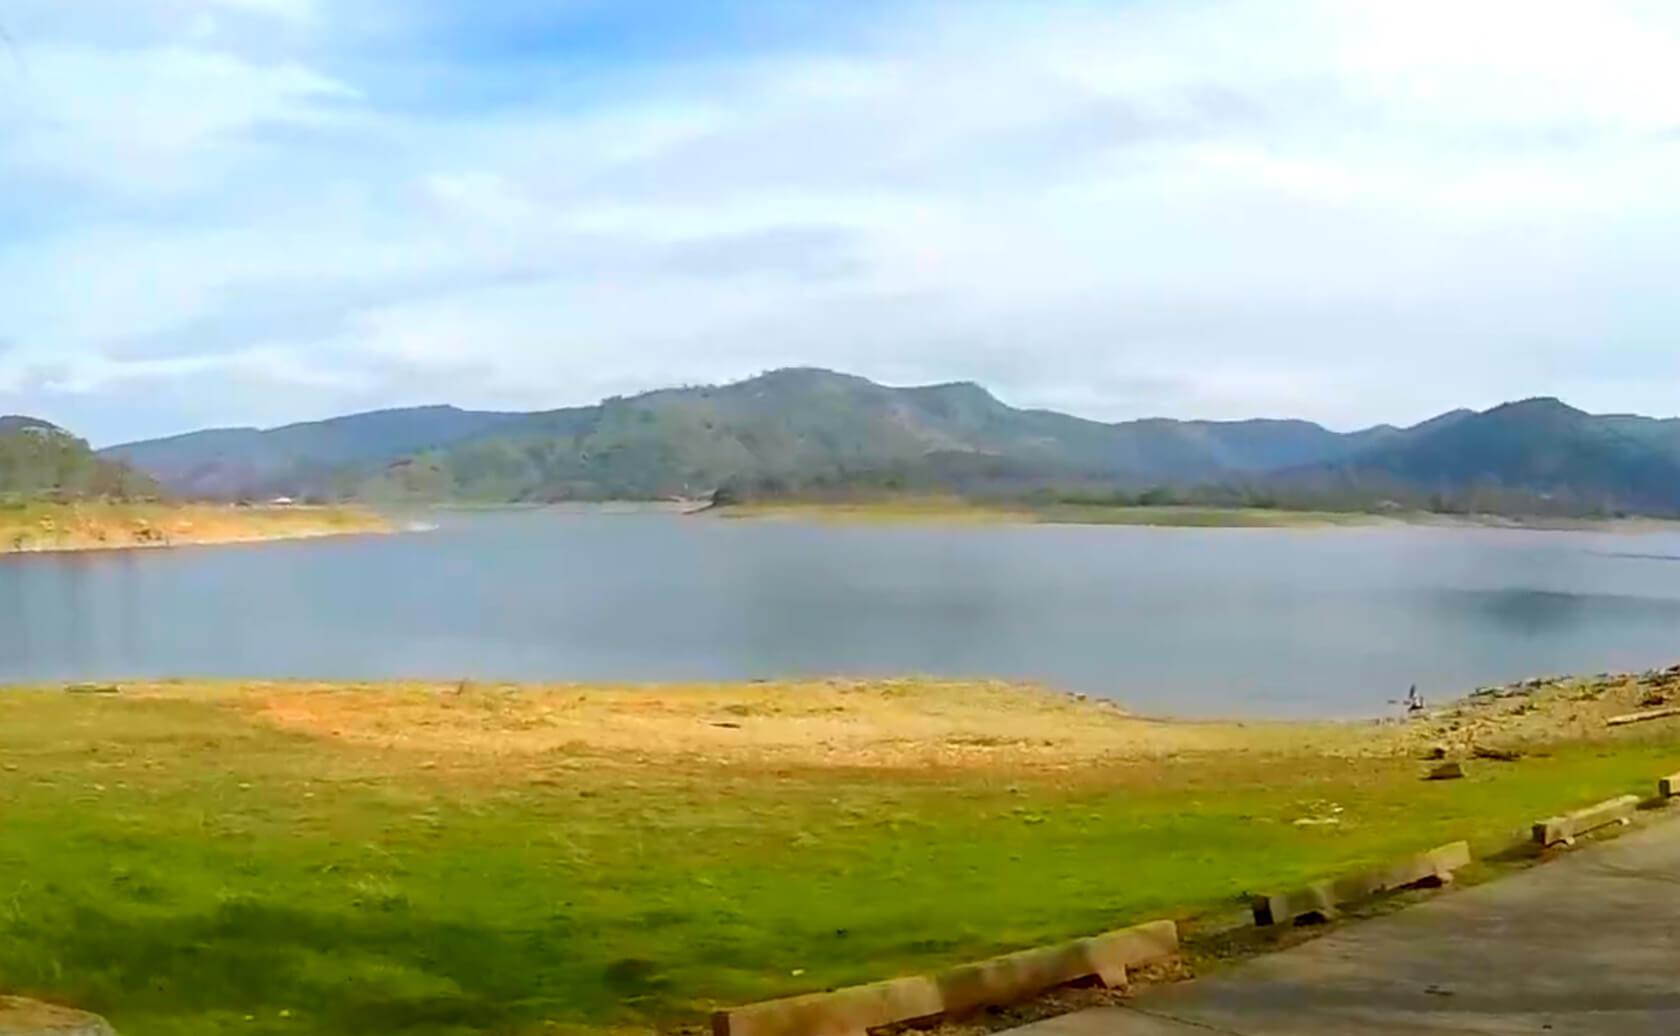 New-Hogan-Lake-Fishing-Guide-Report-California-05